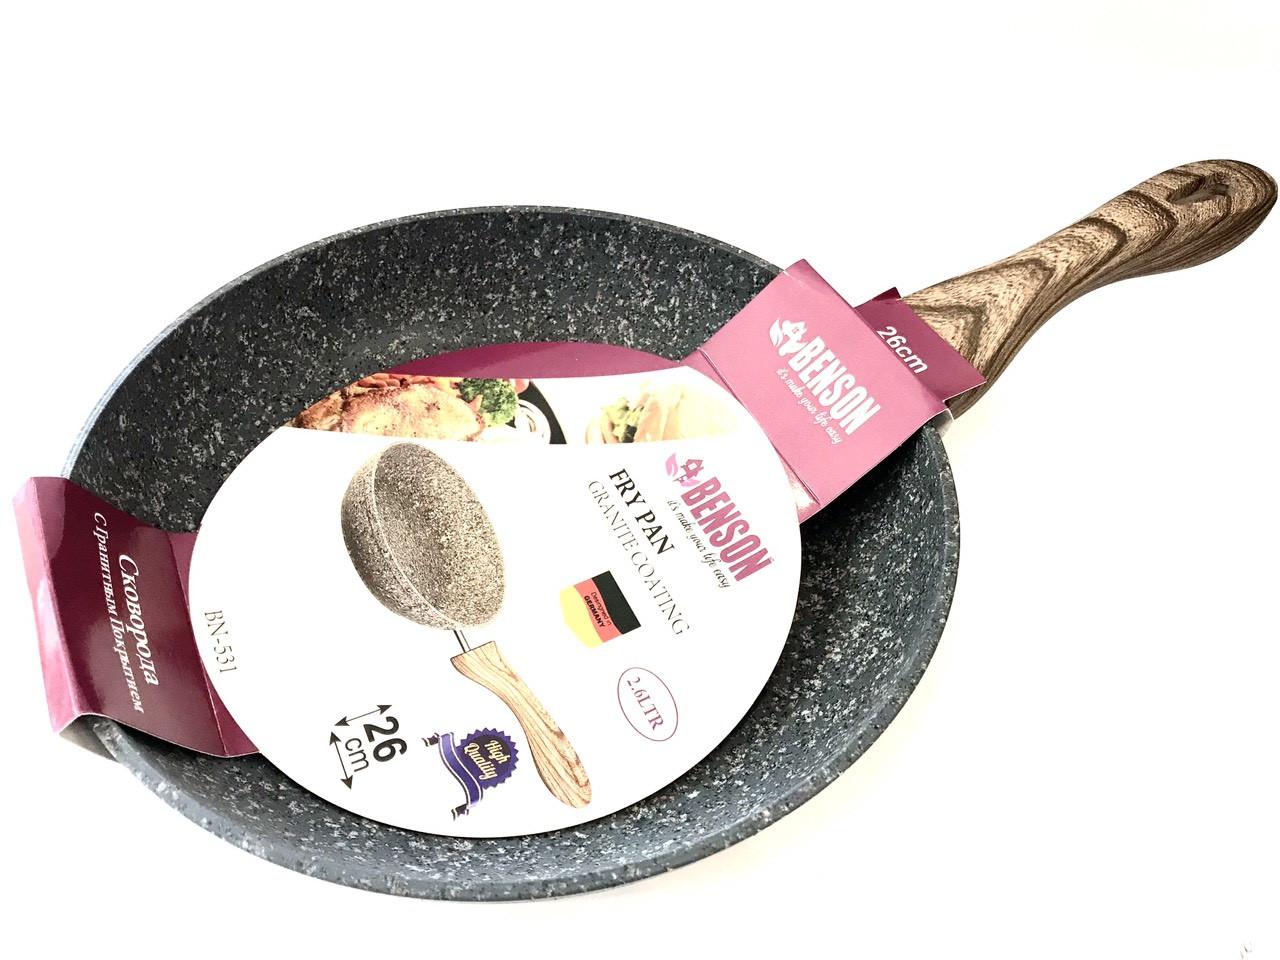 Сковорода Benson BN-531 (26 см) антипригарное гранитное покрытие, SOFT TOUCH | сковородка Бенсон, Бэнсон